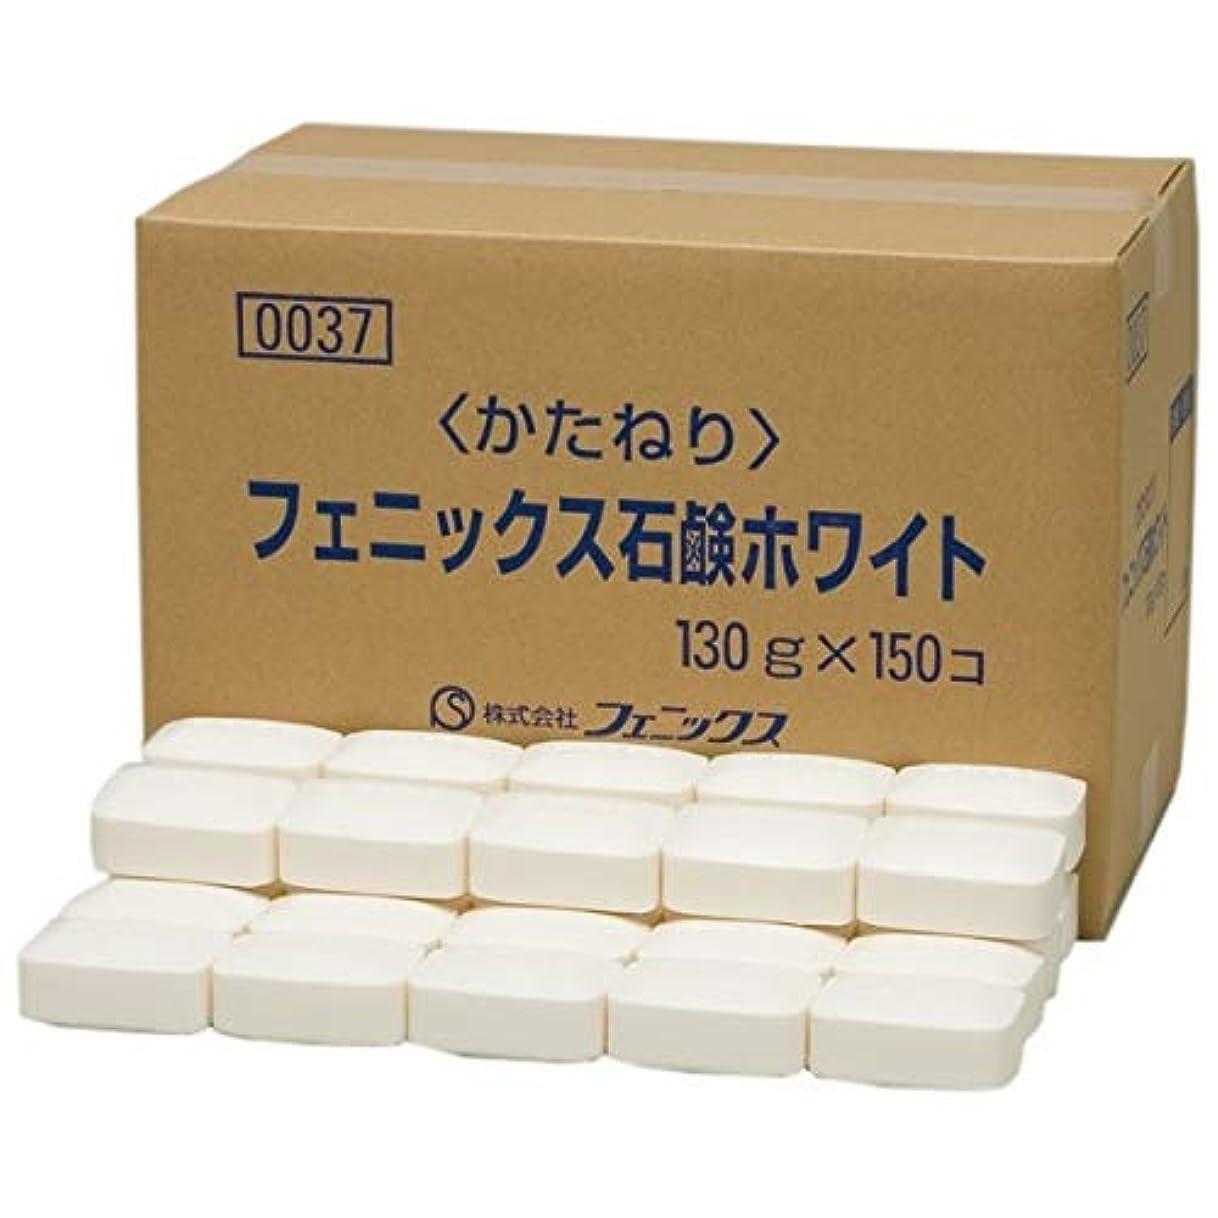 噛む憎しみサスティーンフェニックスホワイト石鹸 130g×150個入